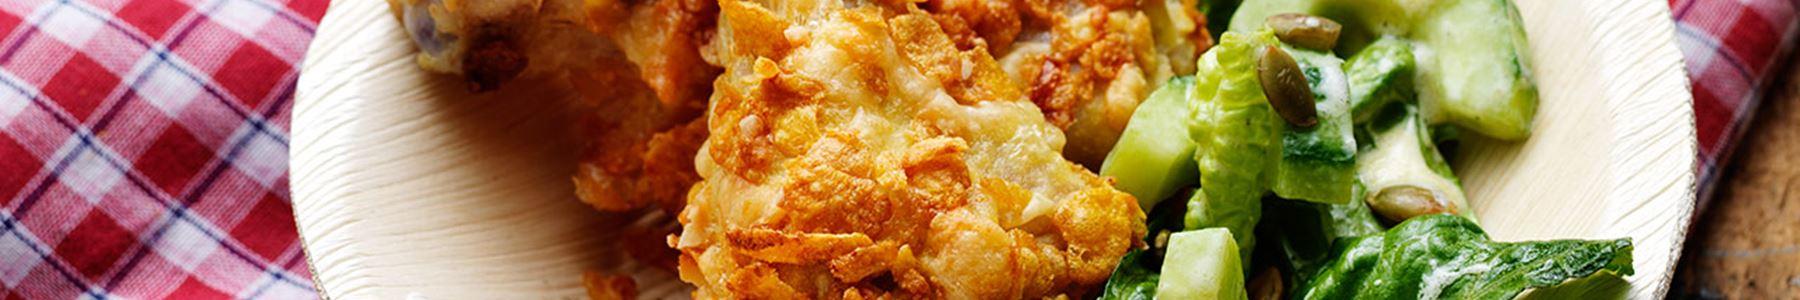 Amerikansk + Kyckling + Middag